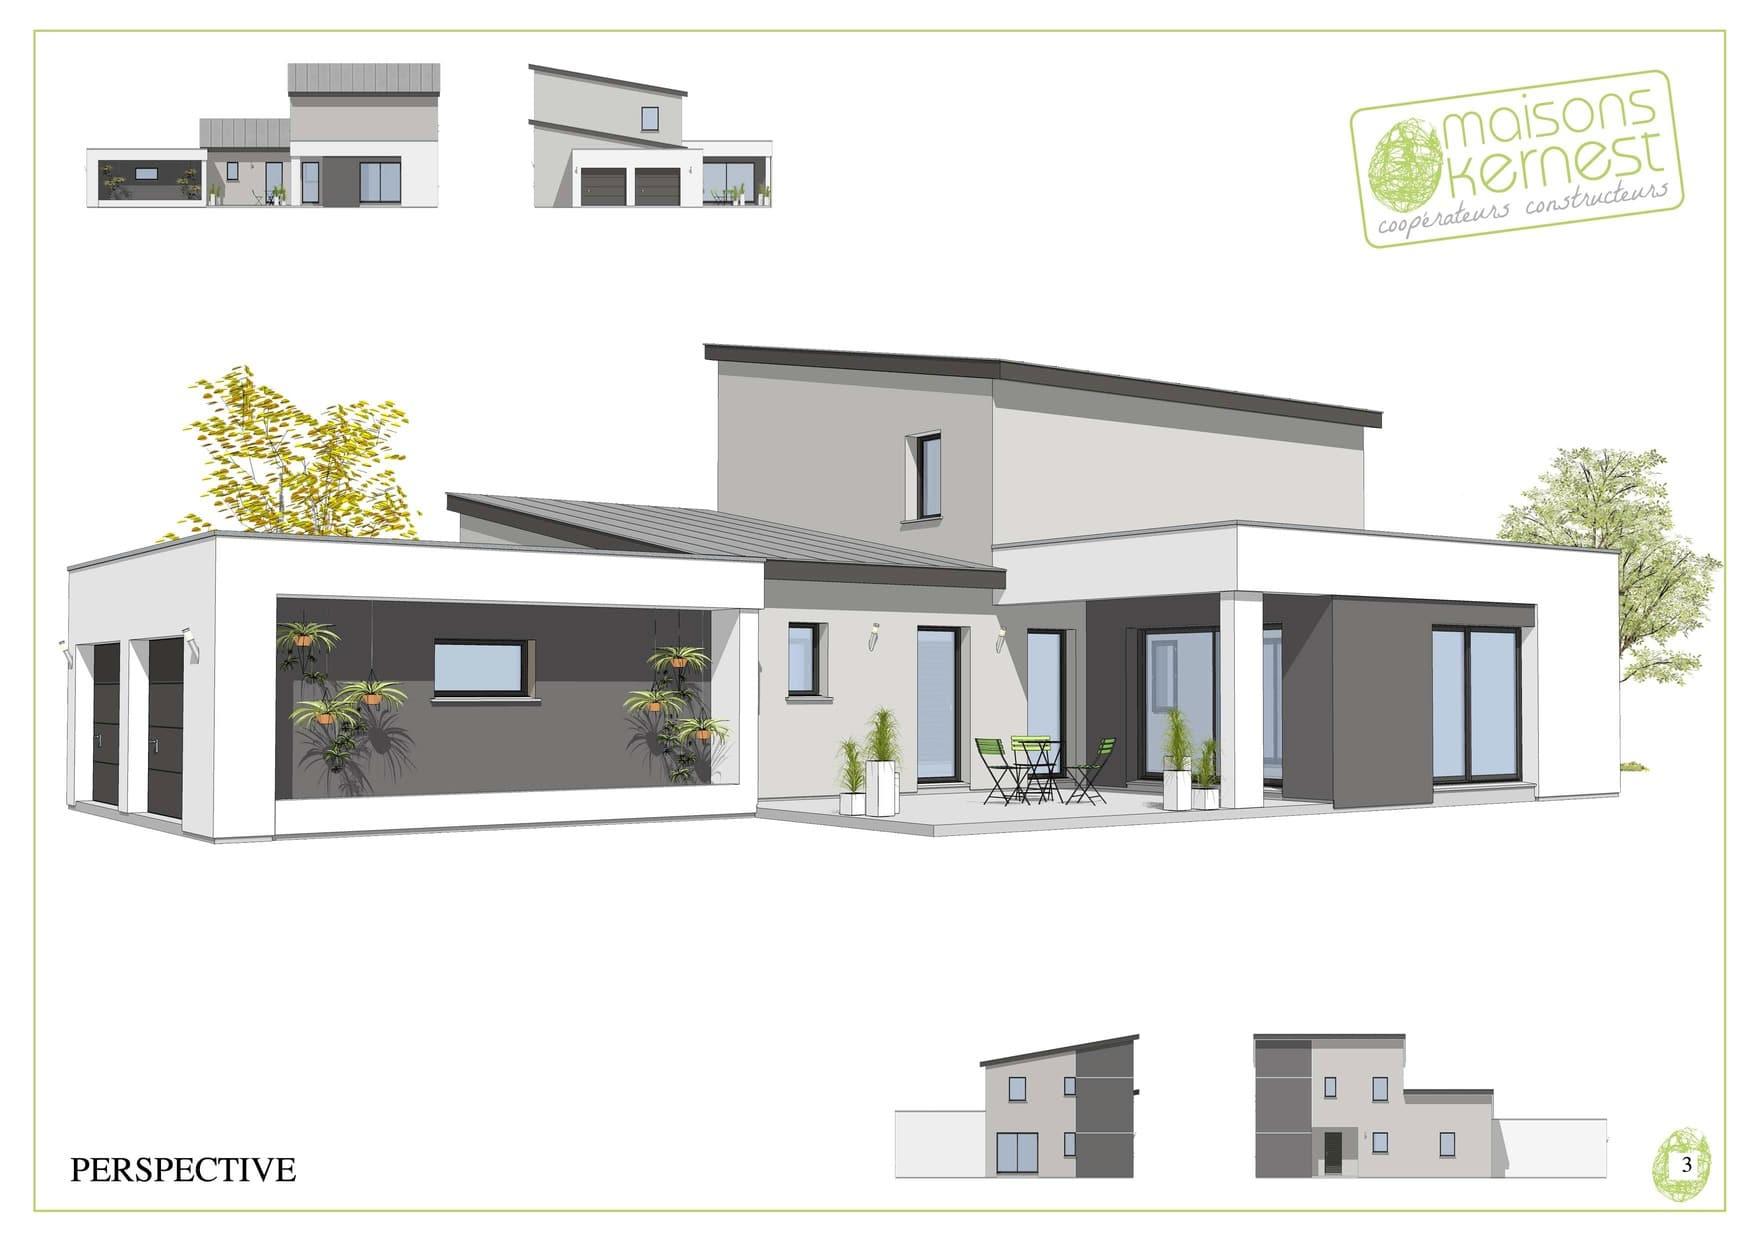 Yoko, un modèle de maison à étage imaginée (ou imagine selon john lennon) avec double garage.